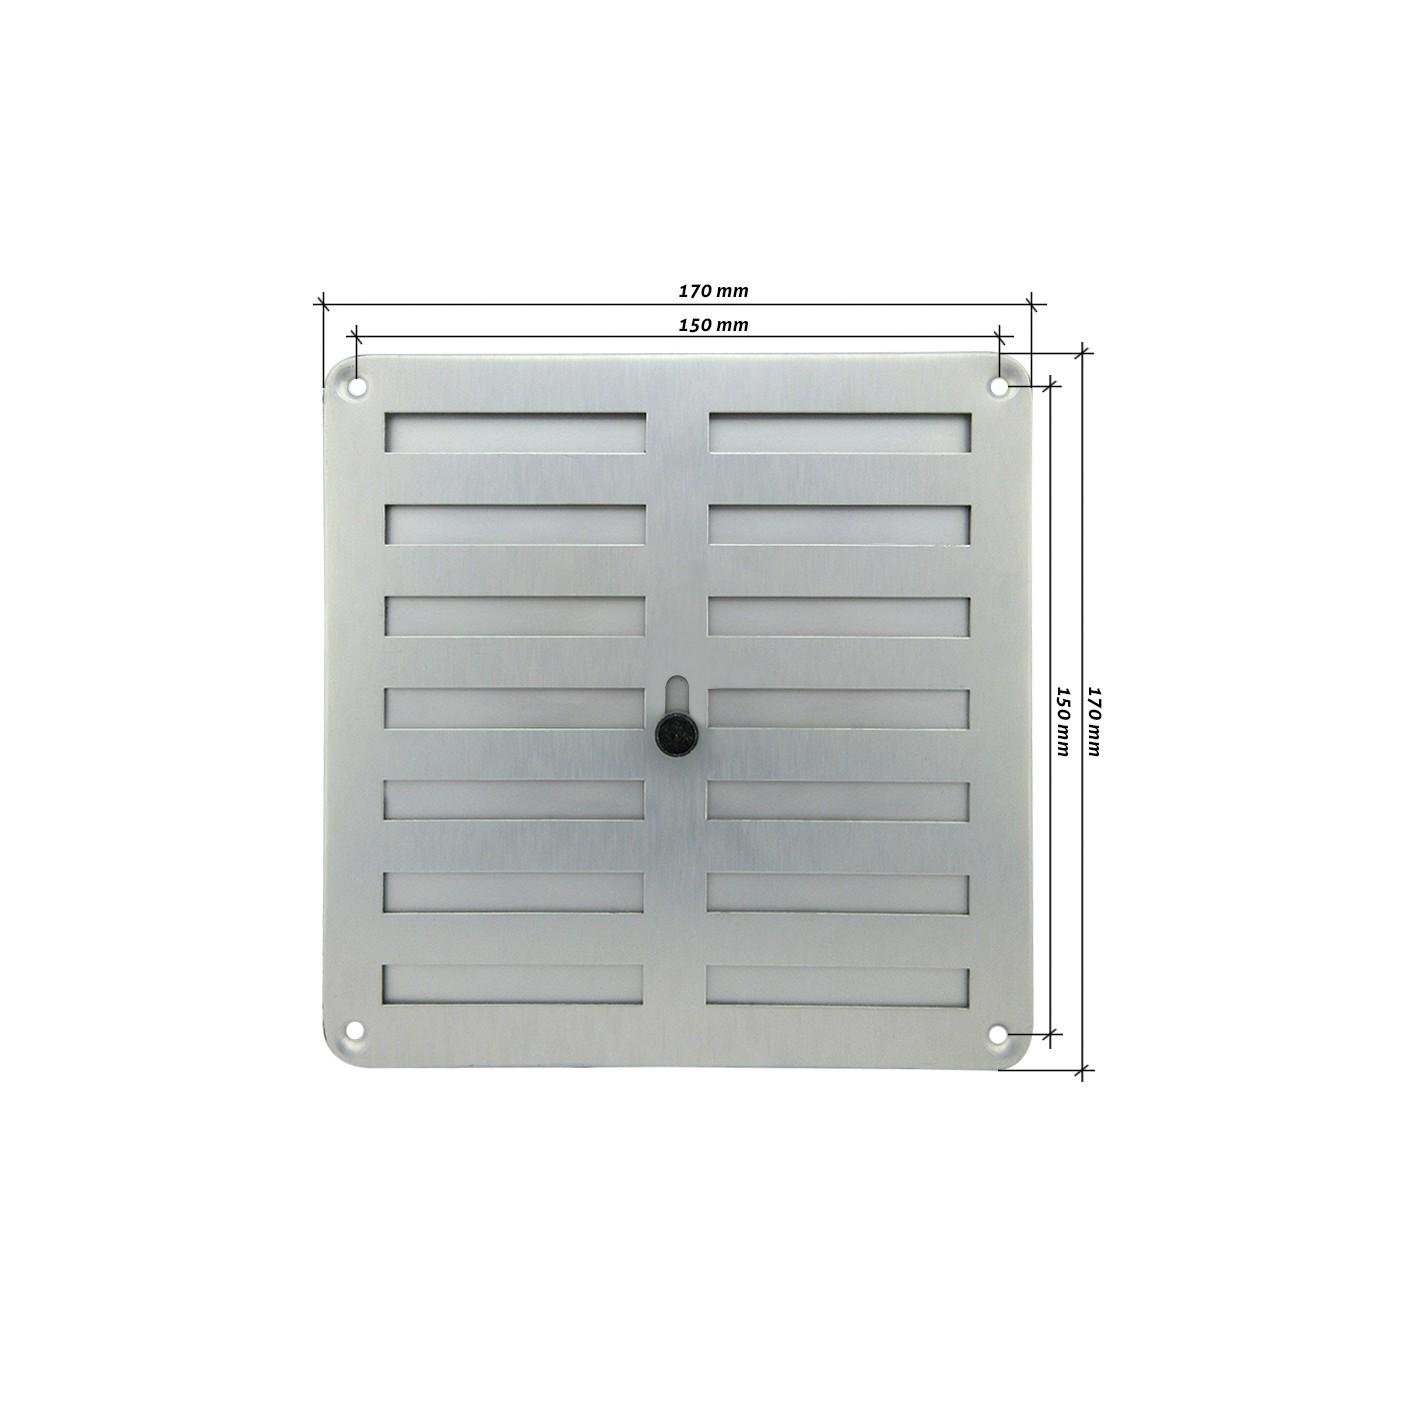 Rejilla de ventilaci n regulable 170x170 mm plata alg - Rejilla de ventilacion regulable ...